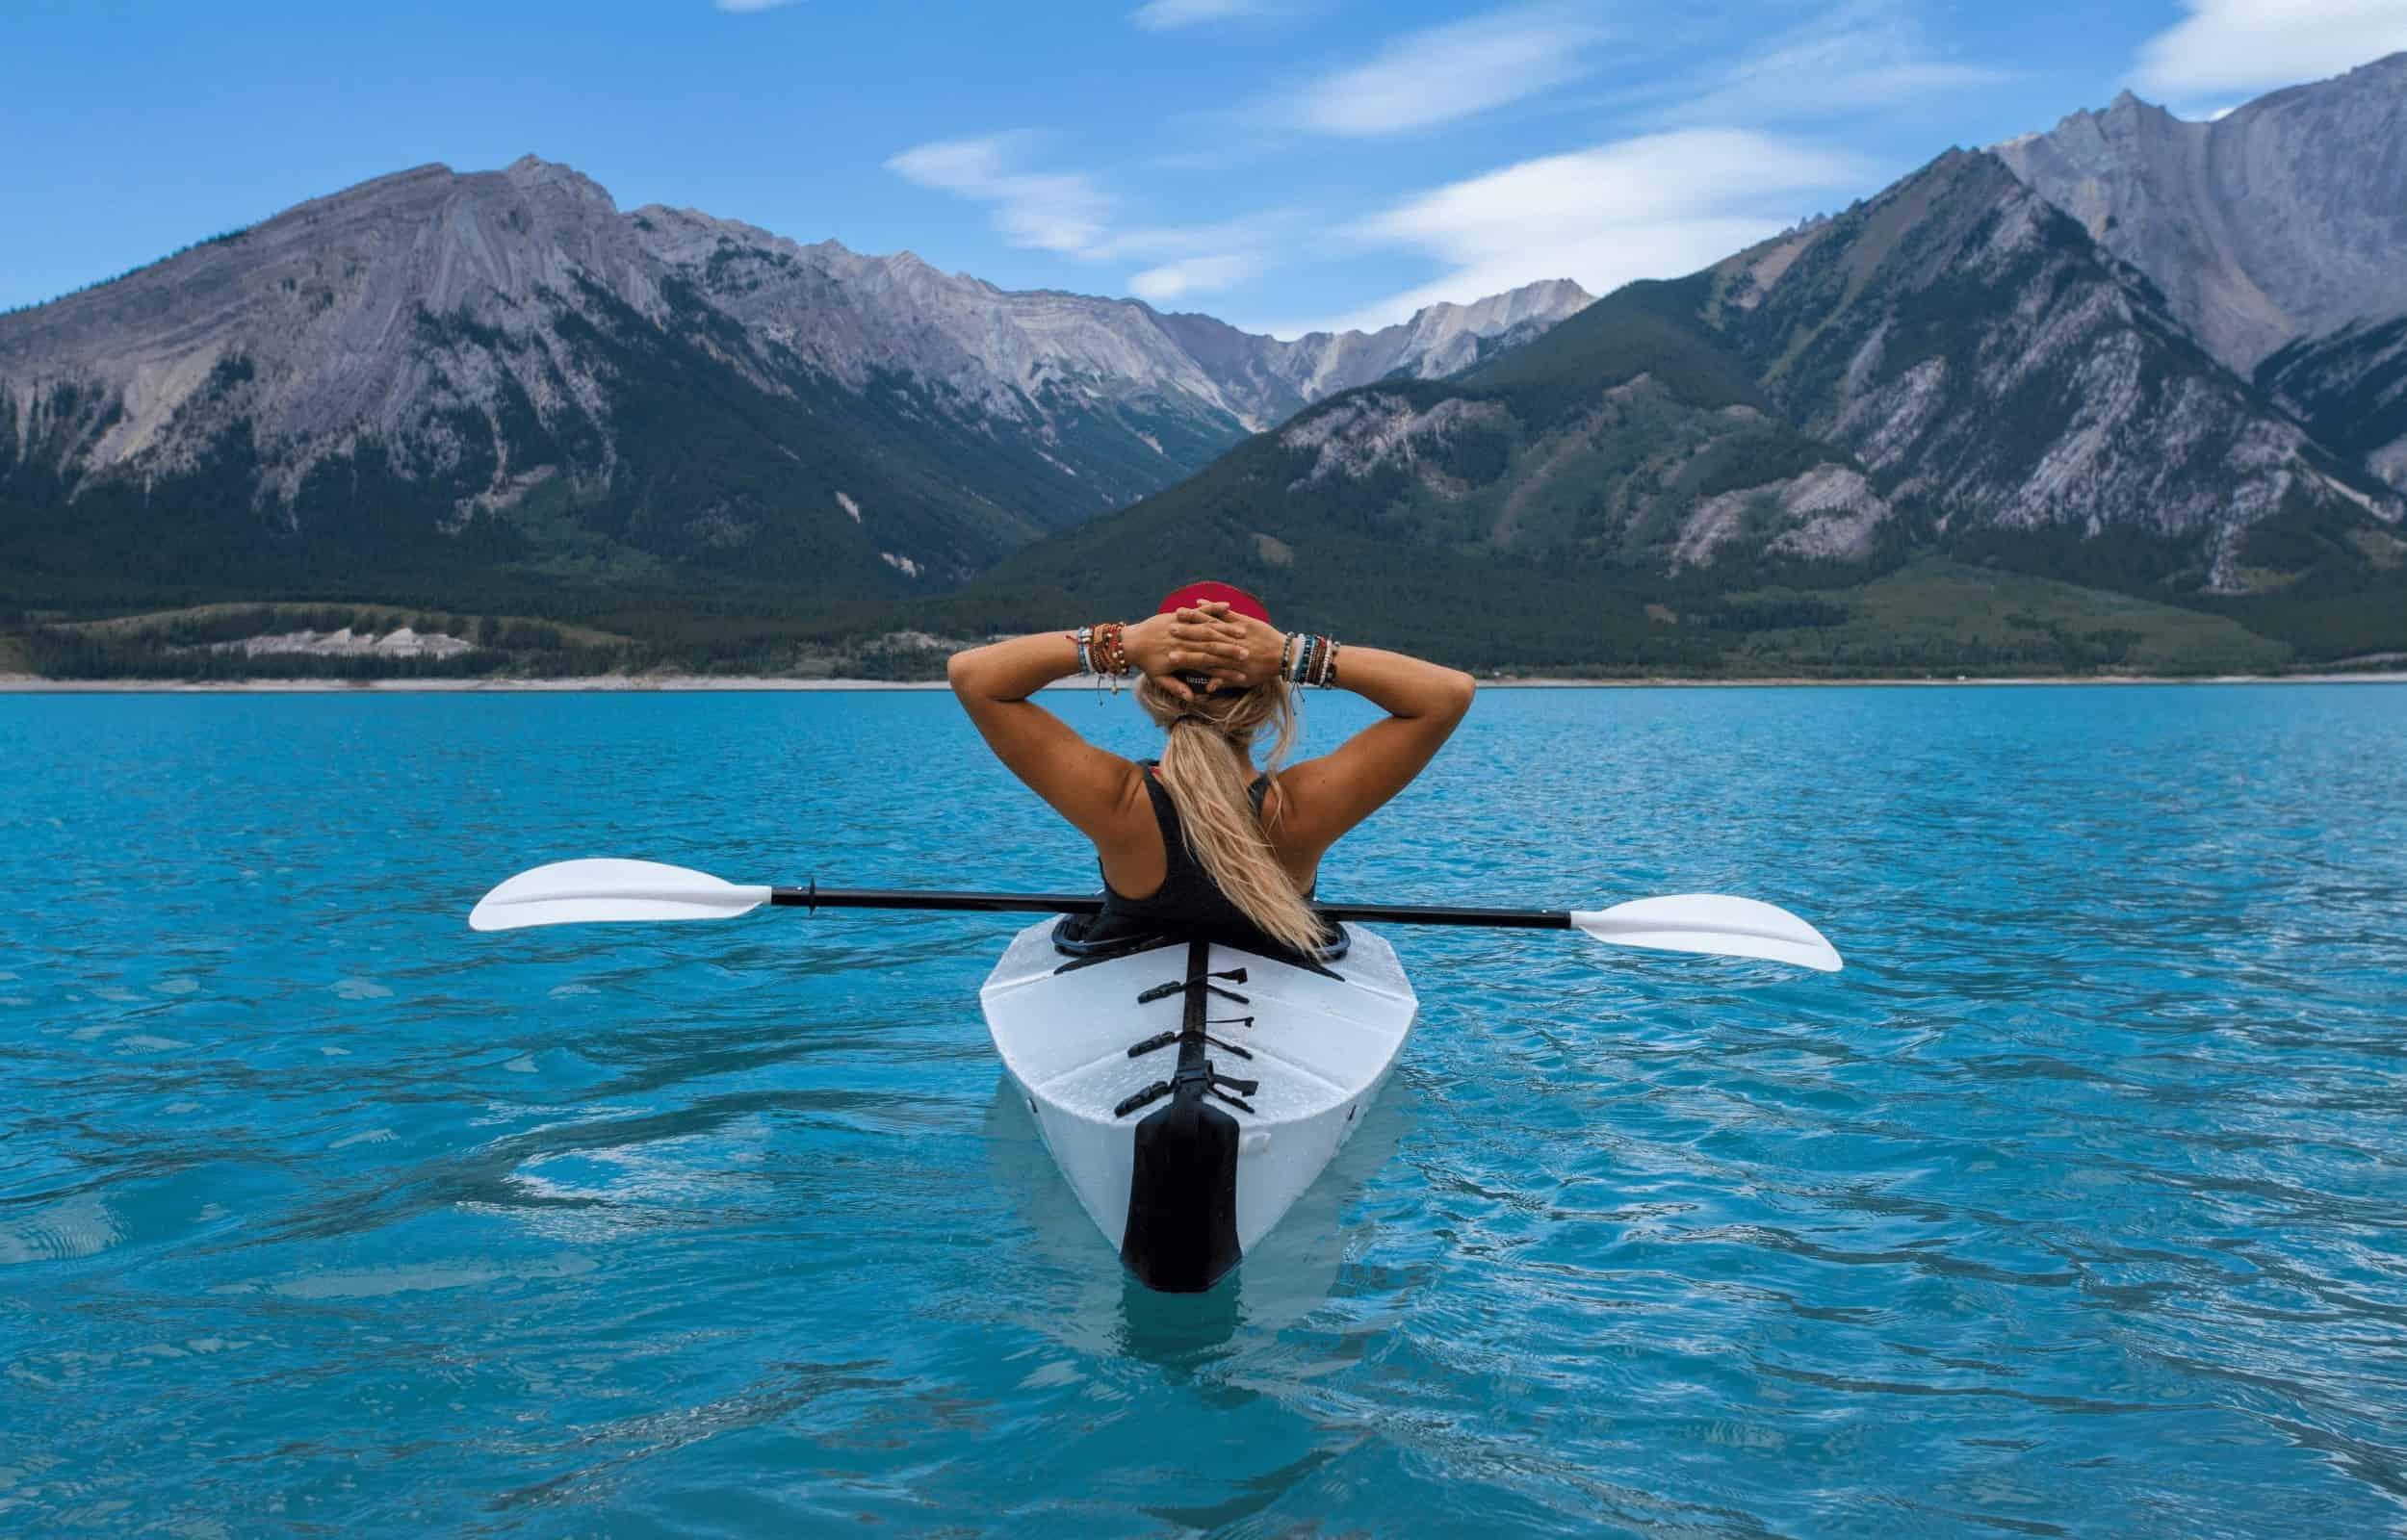 kayak girl mountains